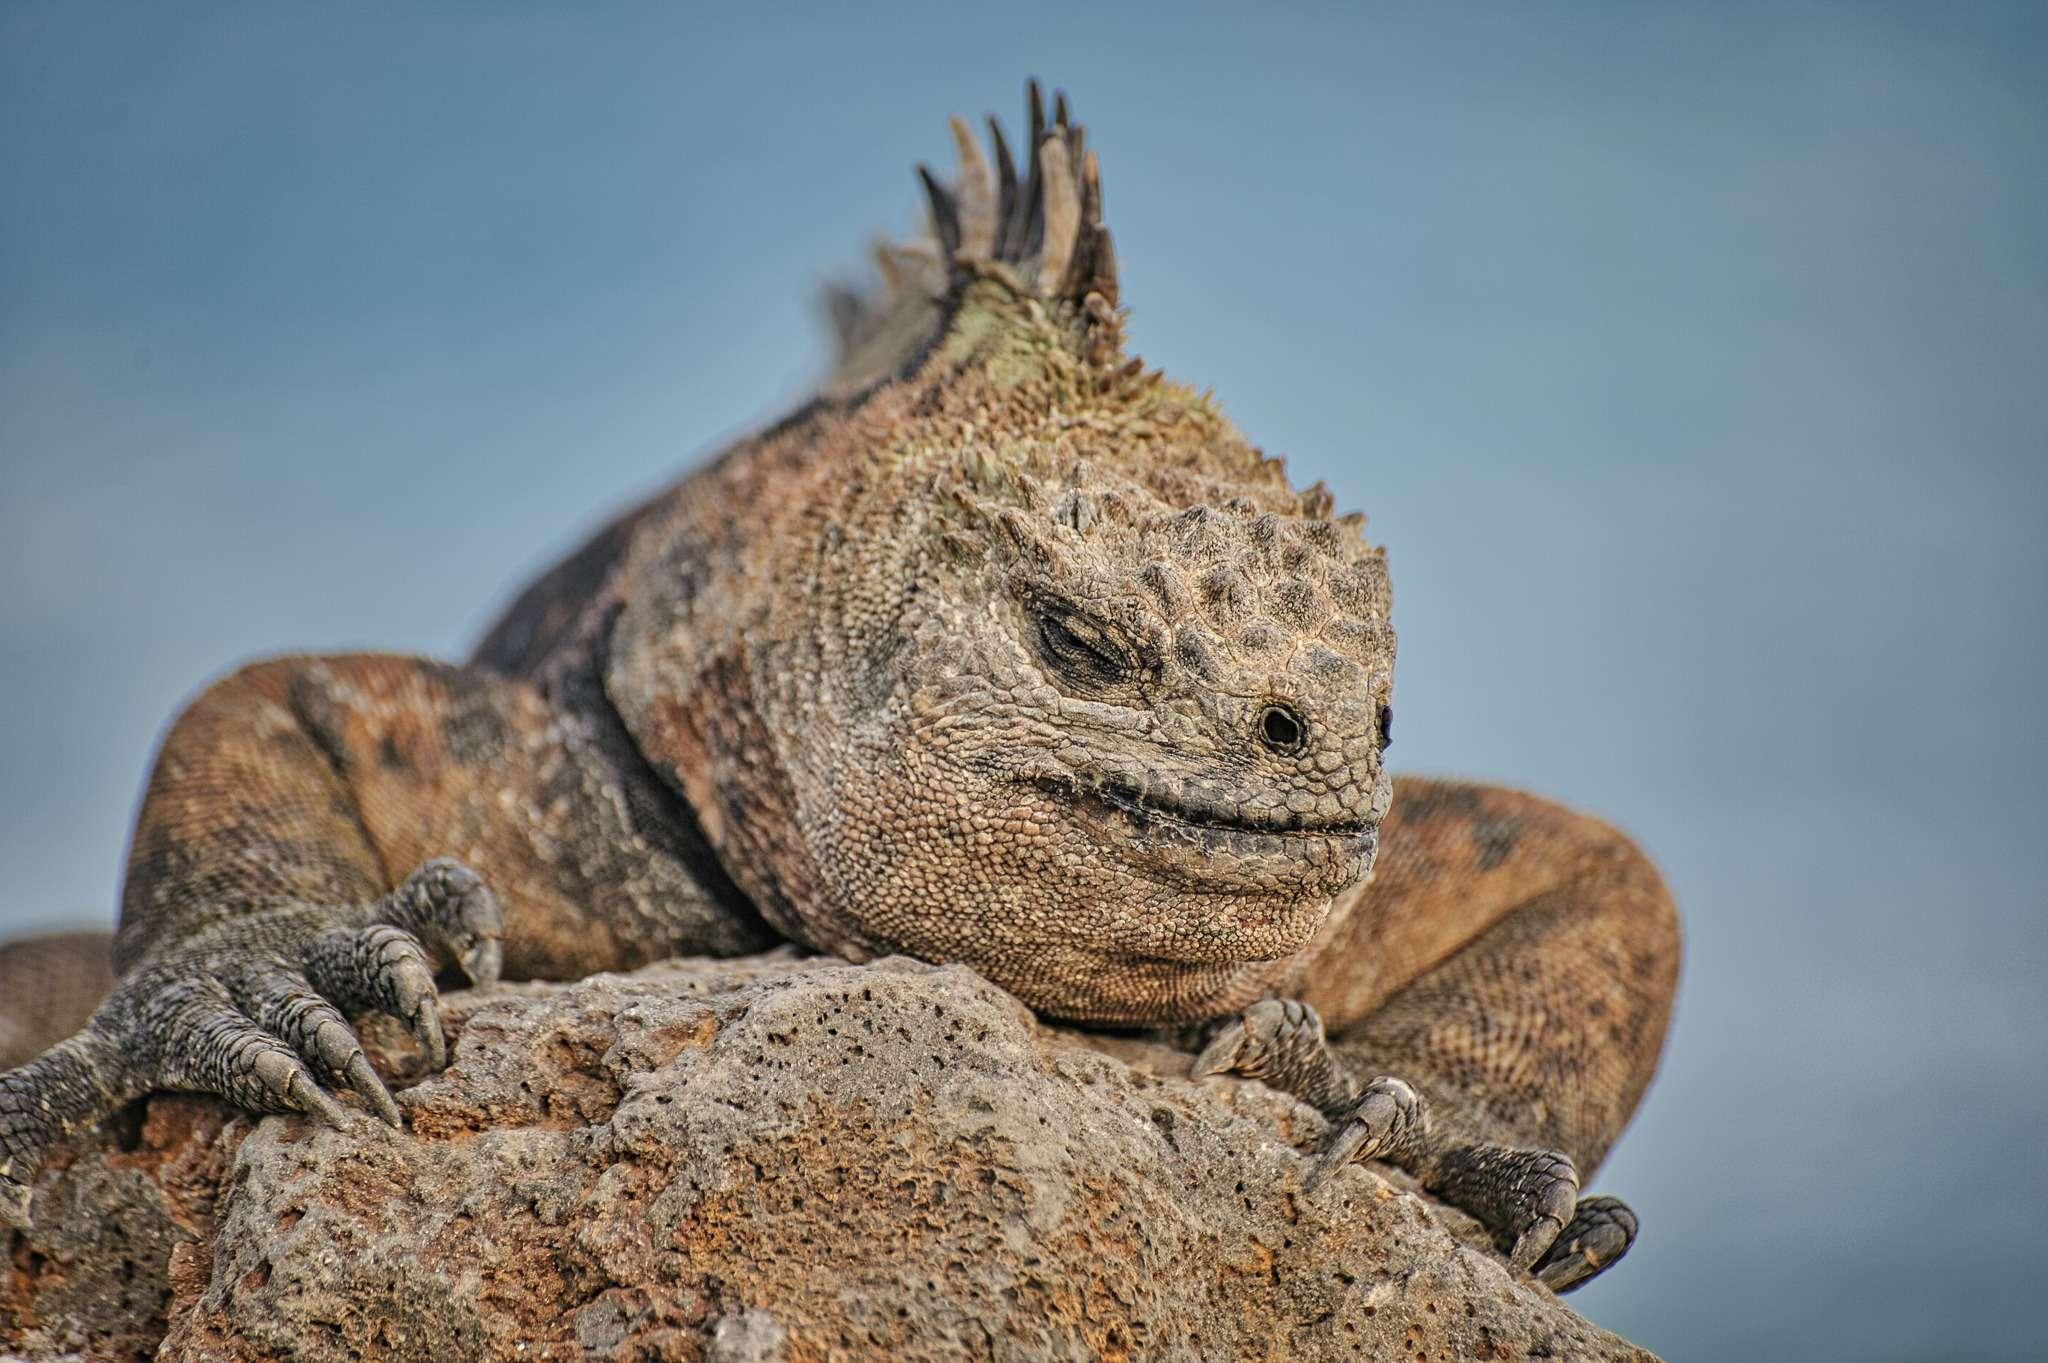 close up of a land iguana in Galápagos island